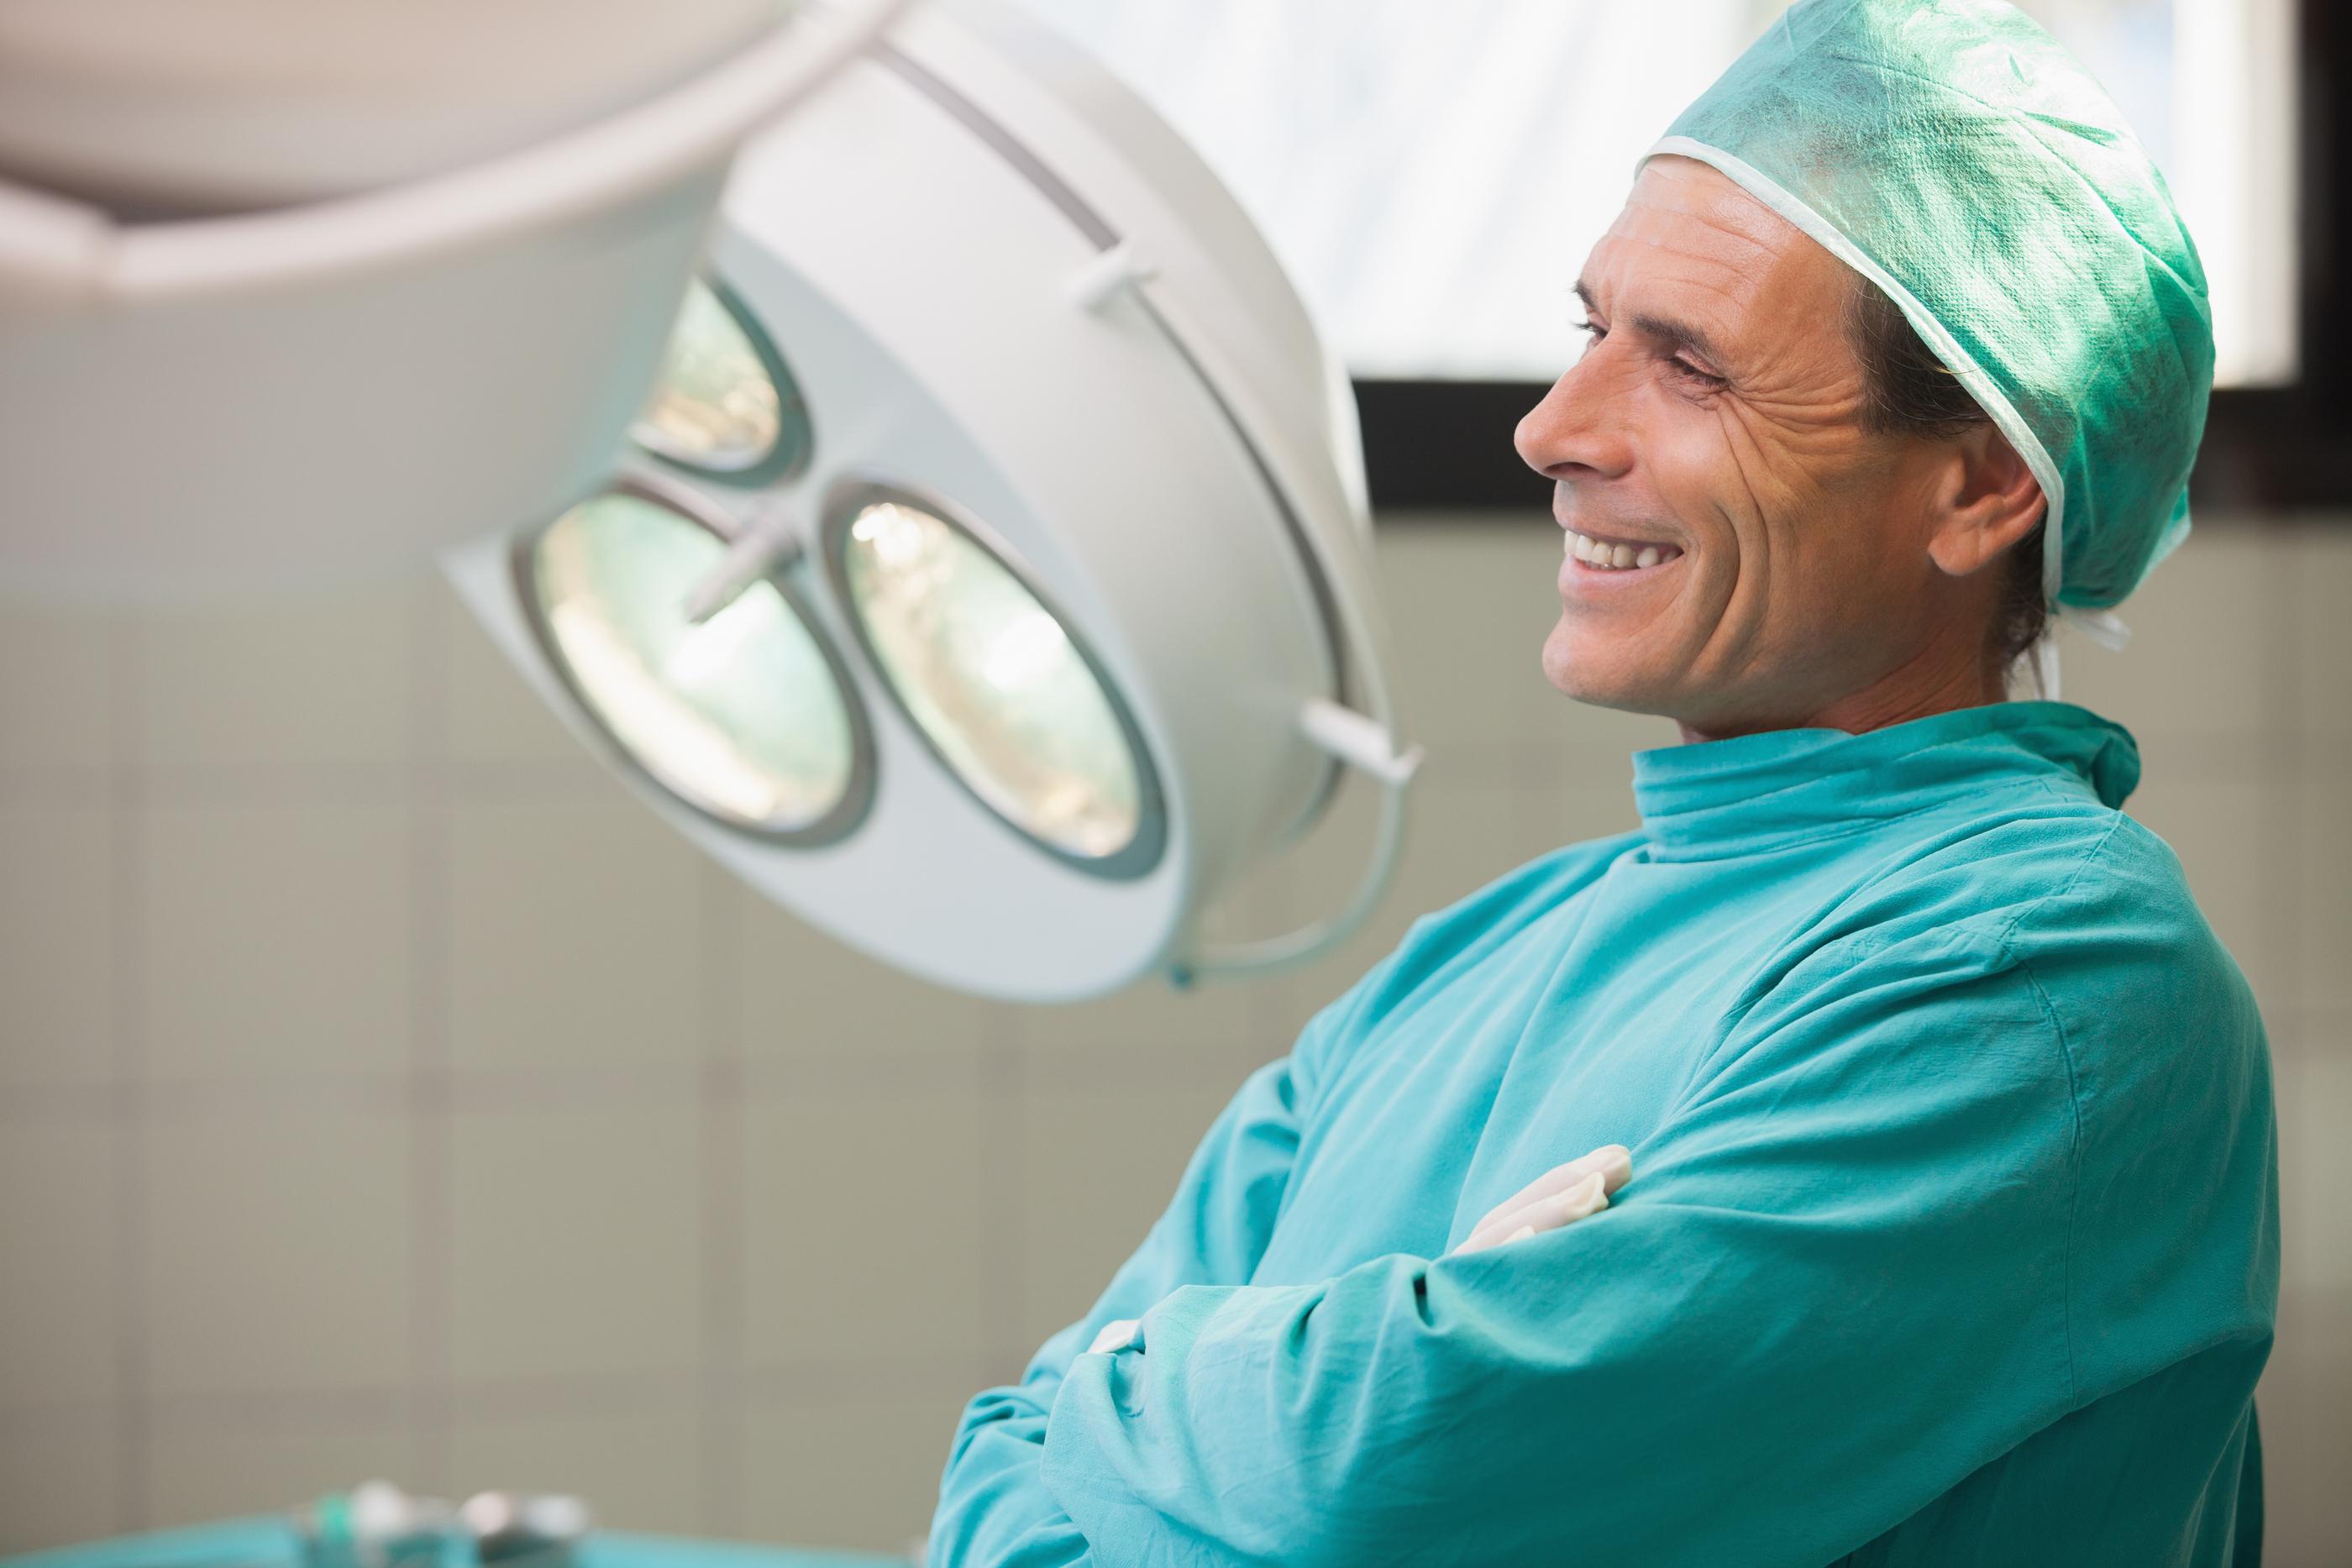 Naděje pro epileptiky: jedinečná operace odstraní epileptické záchvaty